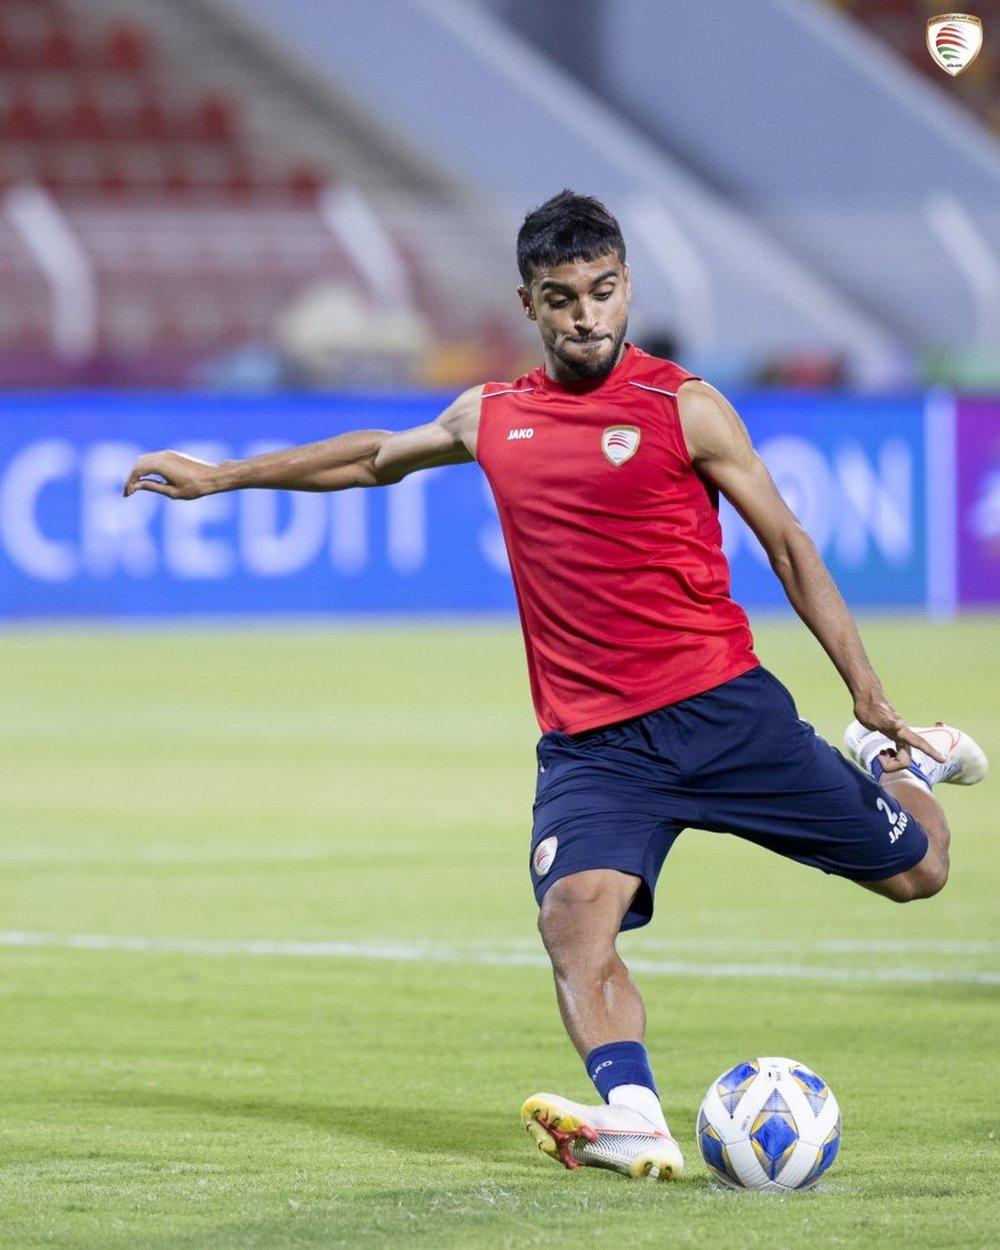 ĐT Oman bất ngờ tập sút penalty kỹ lưỡng trước thềm trận gặp Việt Nam - Ảnh 1.